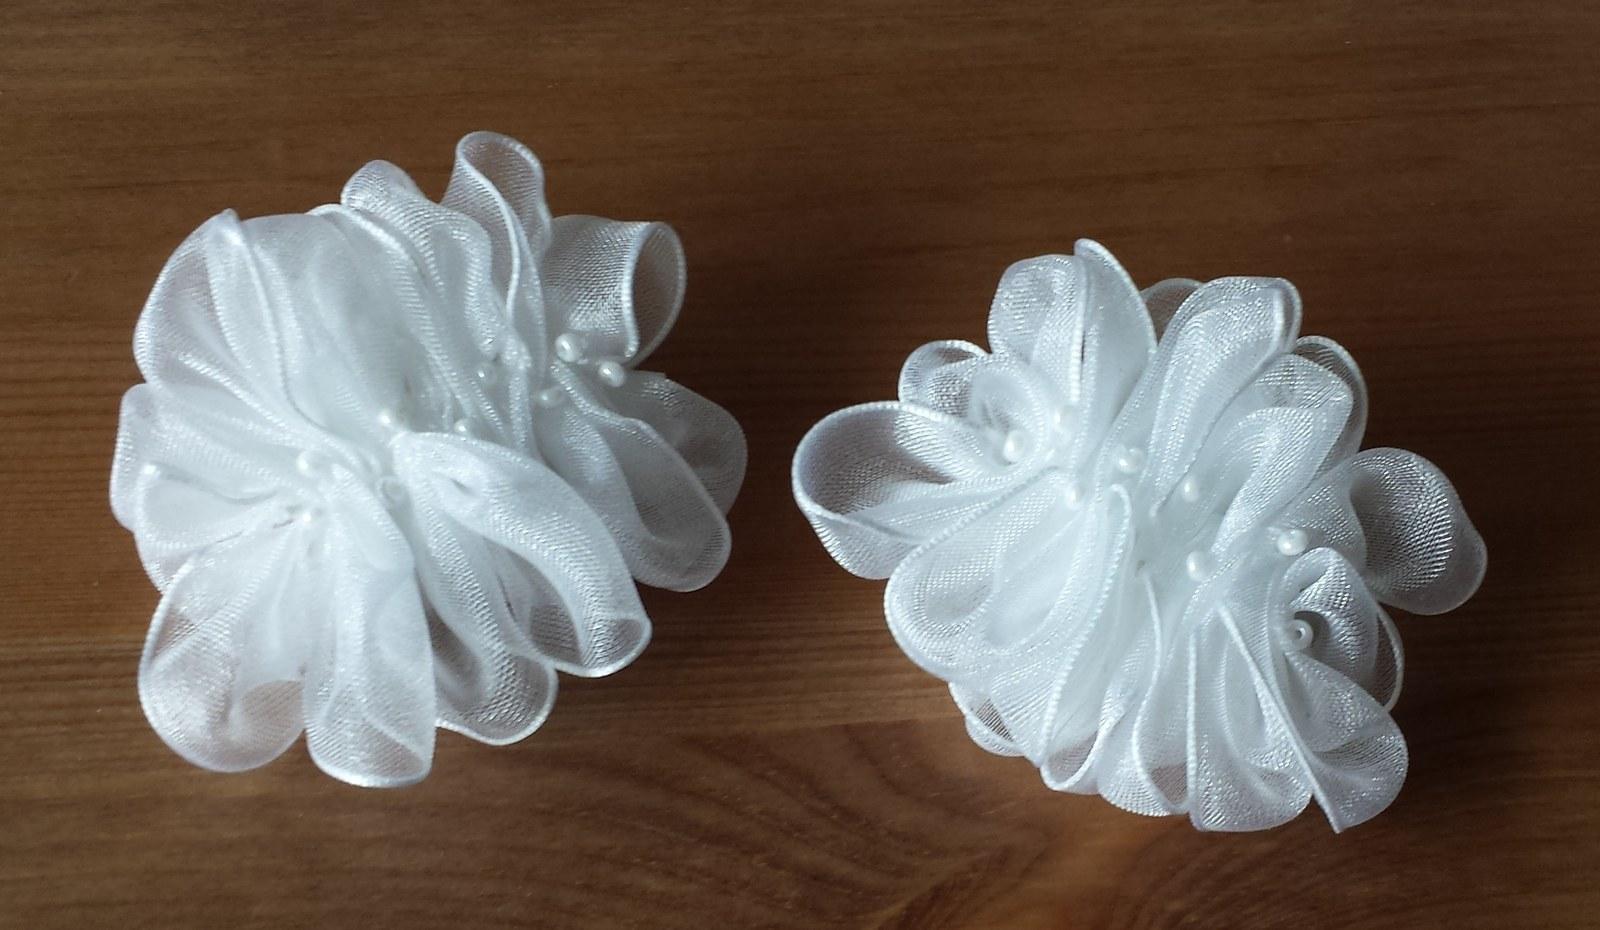 Klipy na boty pro nevěstu-bílá šifonová aplikace - Obrázek č. 2